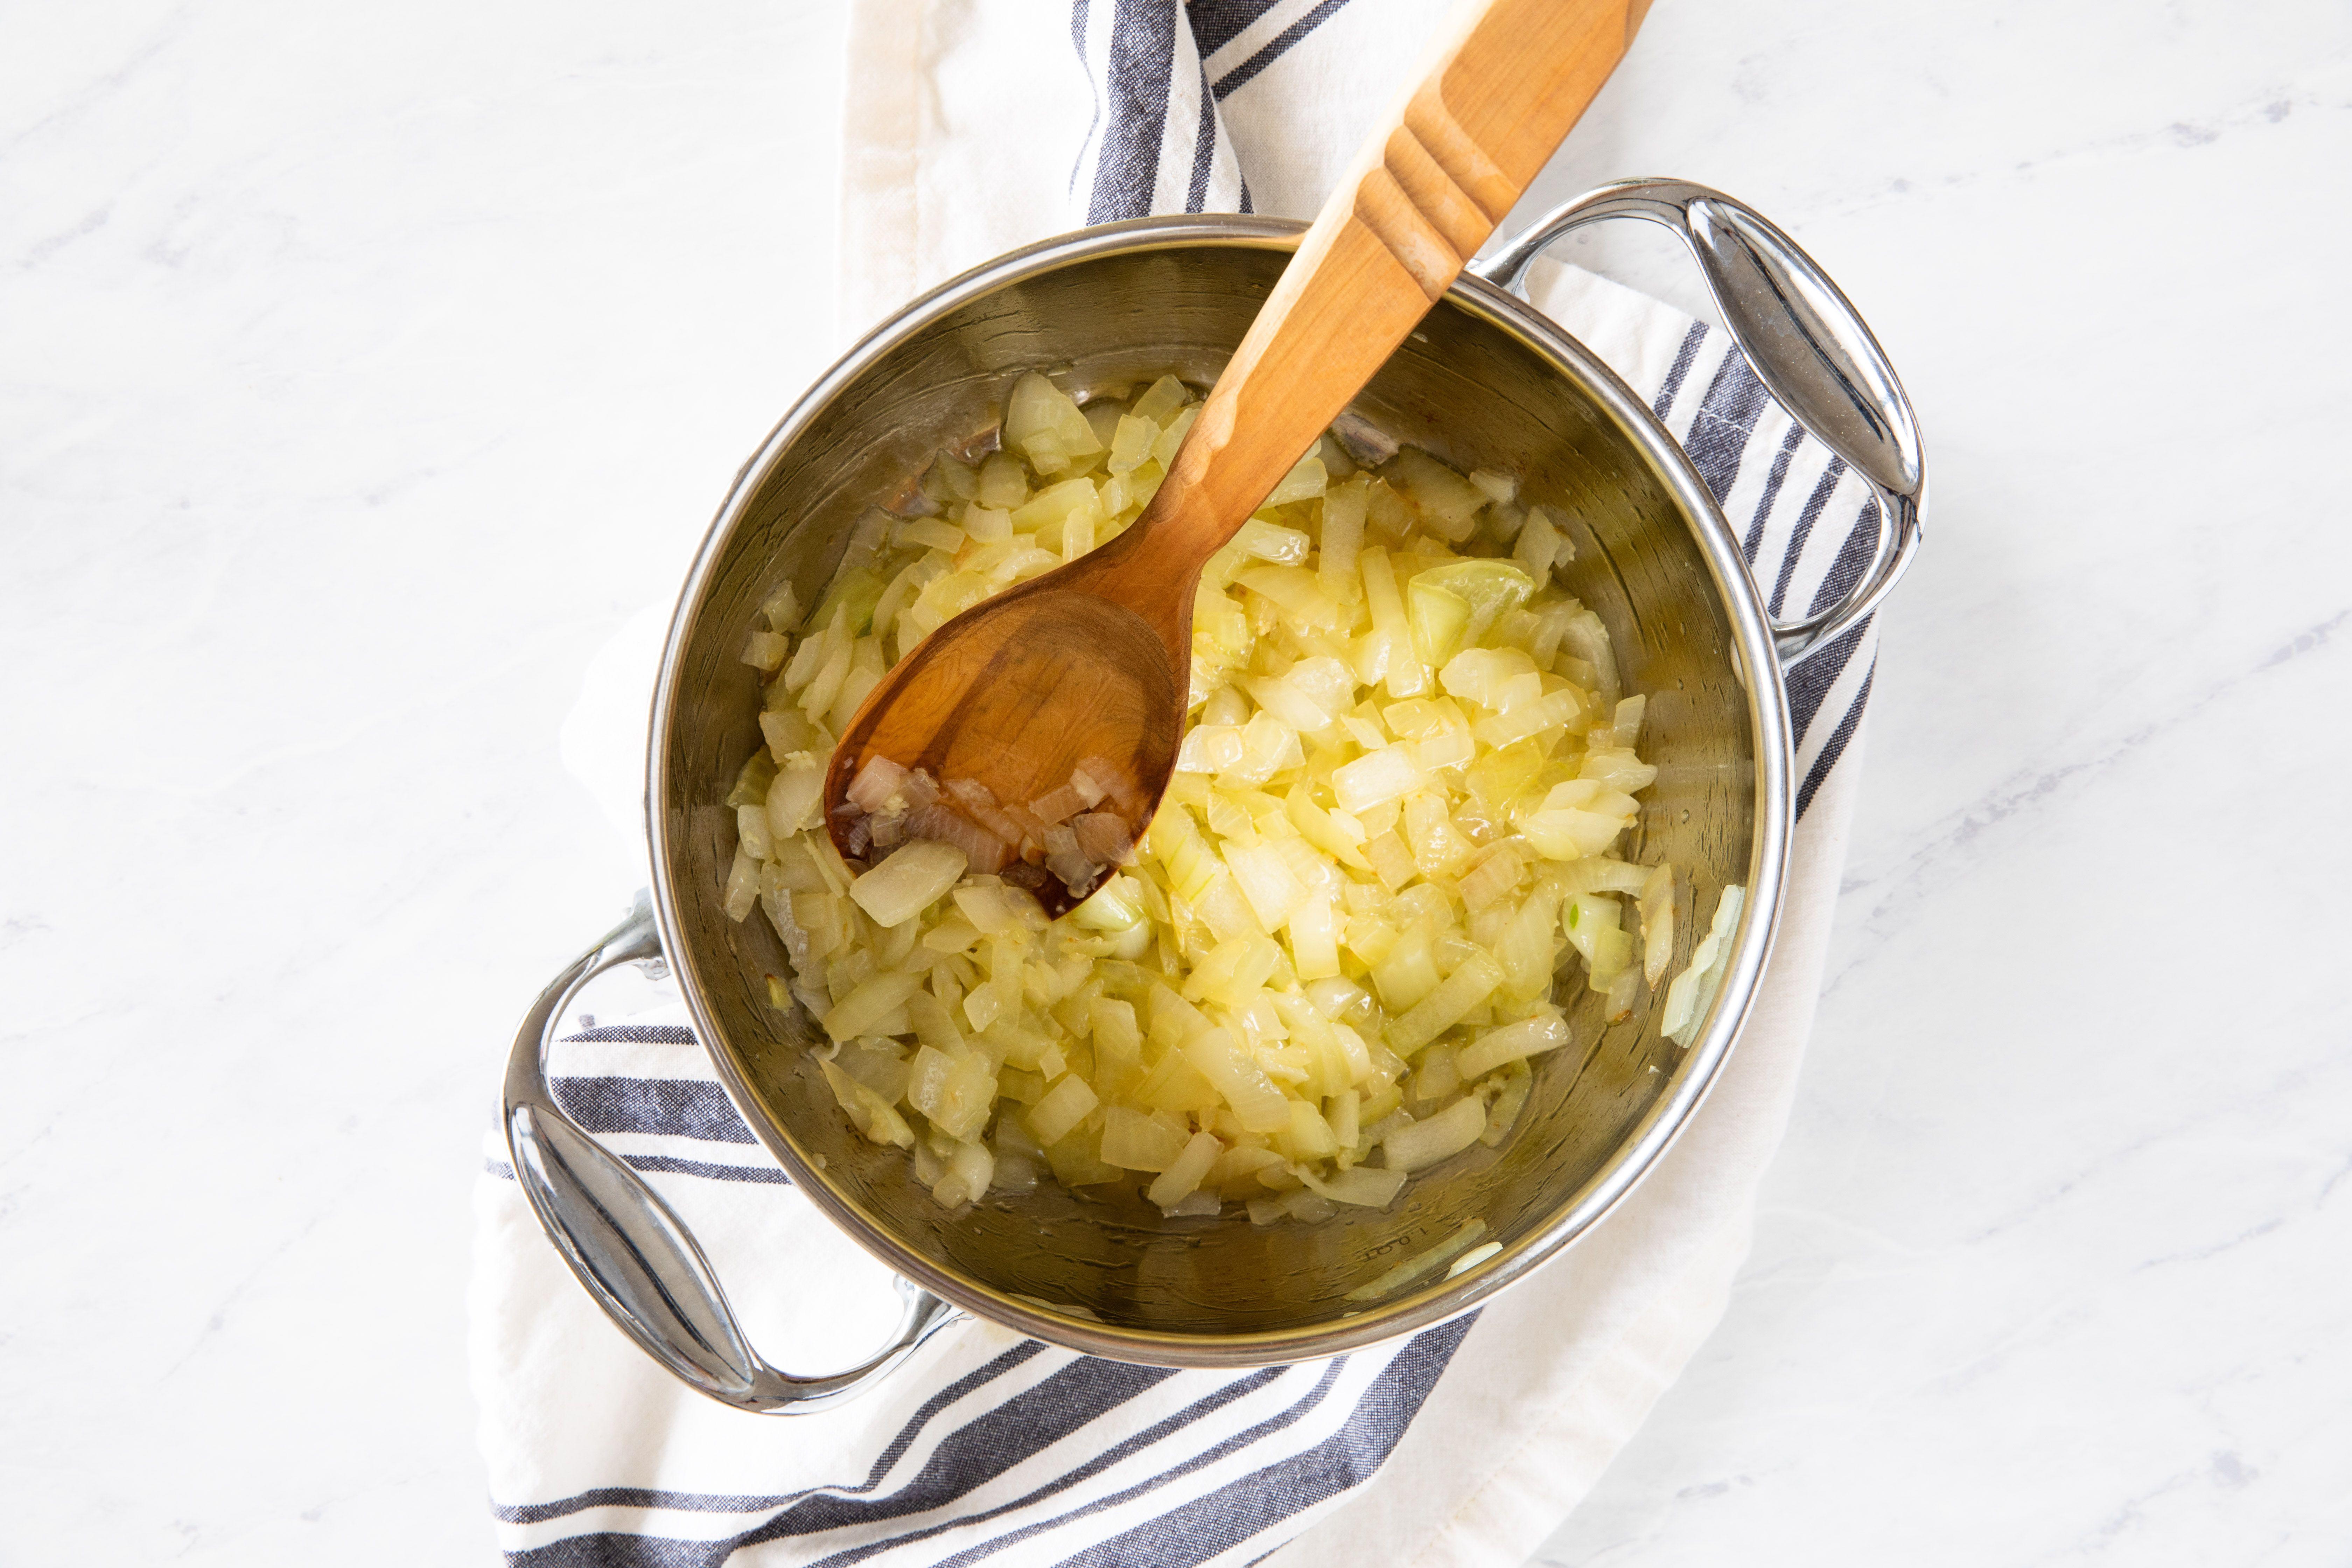 Onions in pot